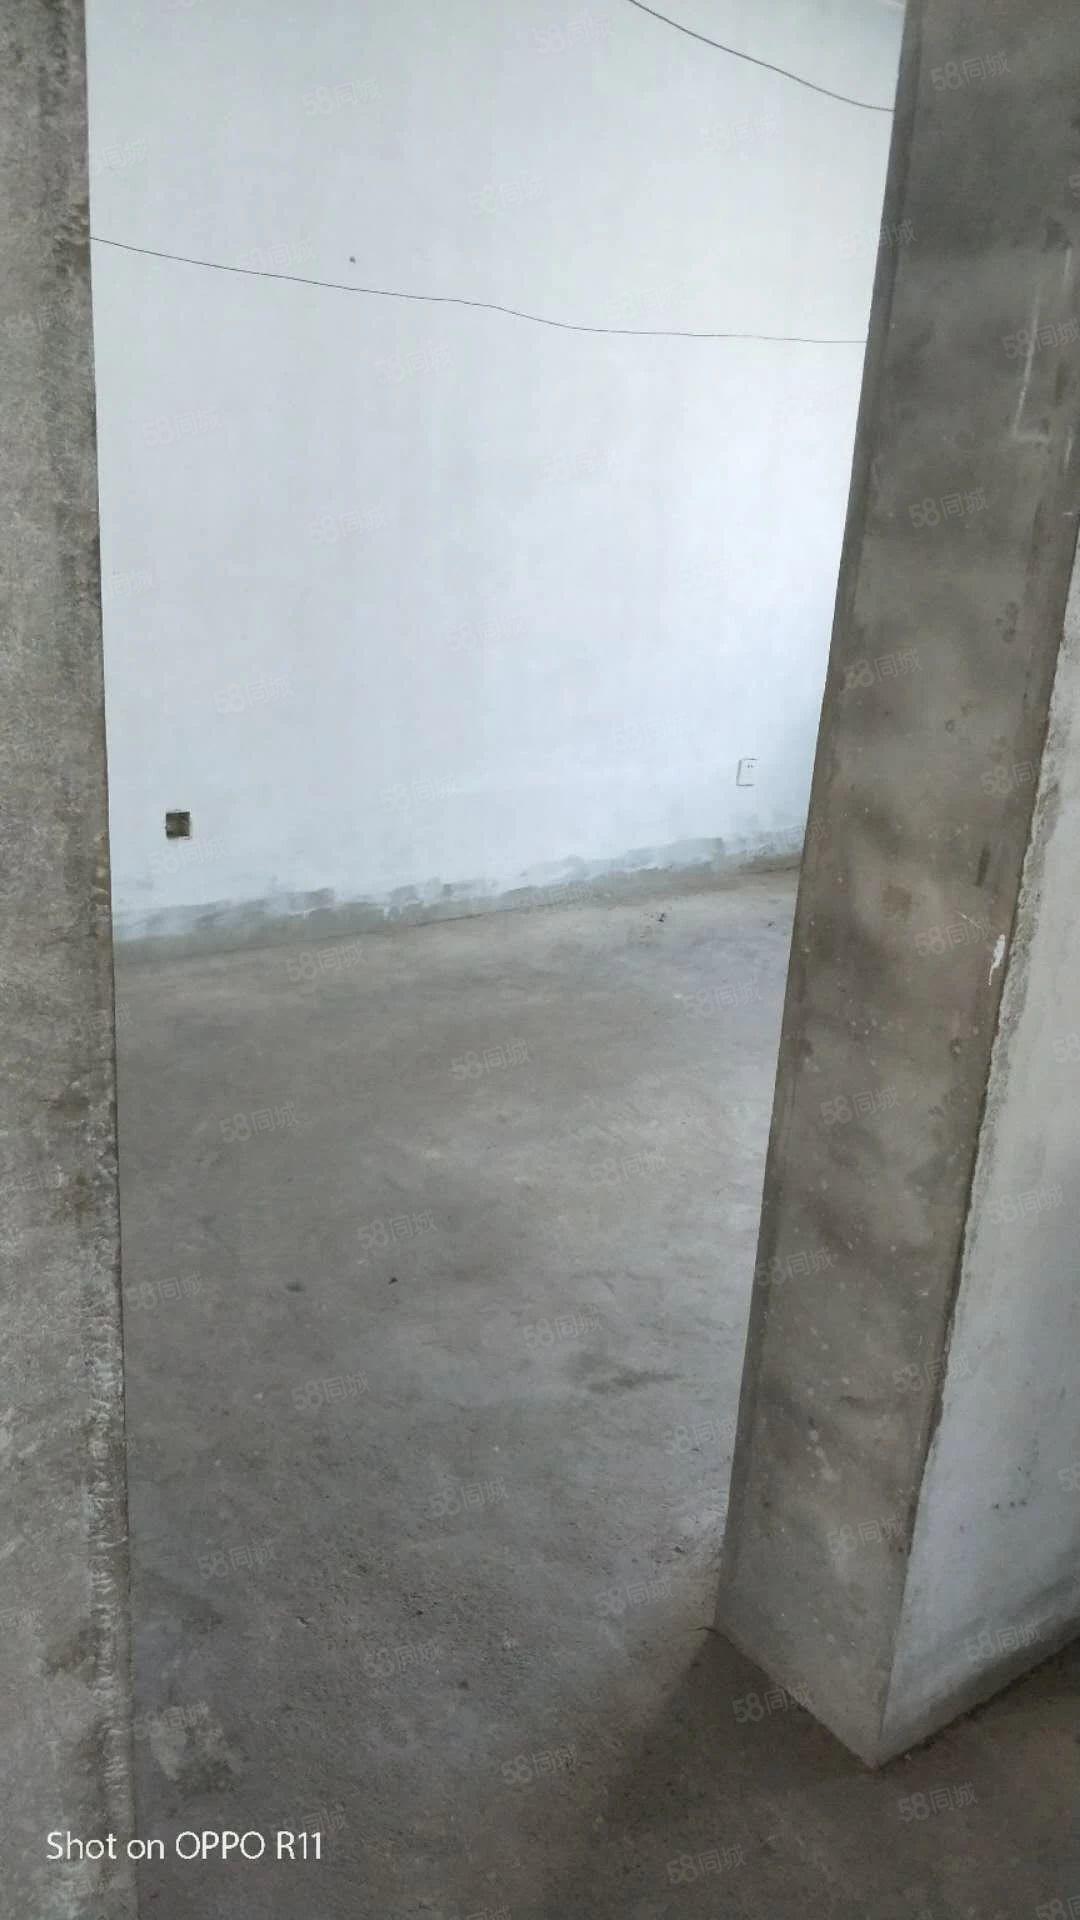 棚户区V区五层落地窗经典H户型地理位置好小区环境好